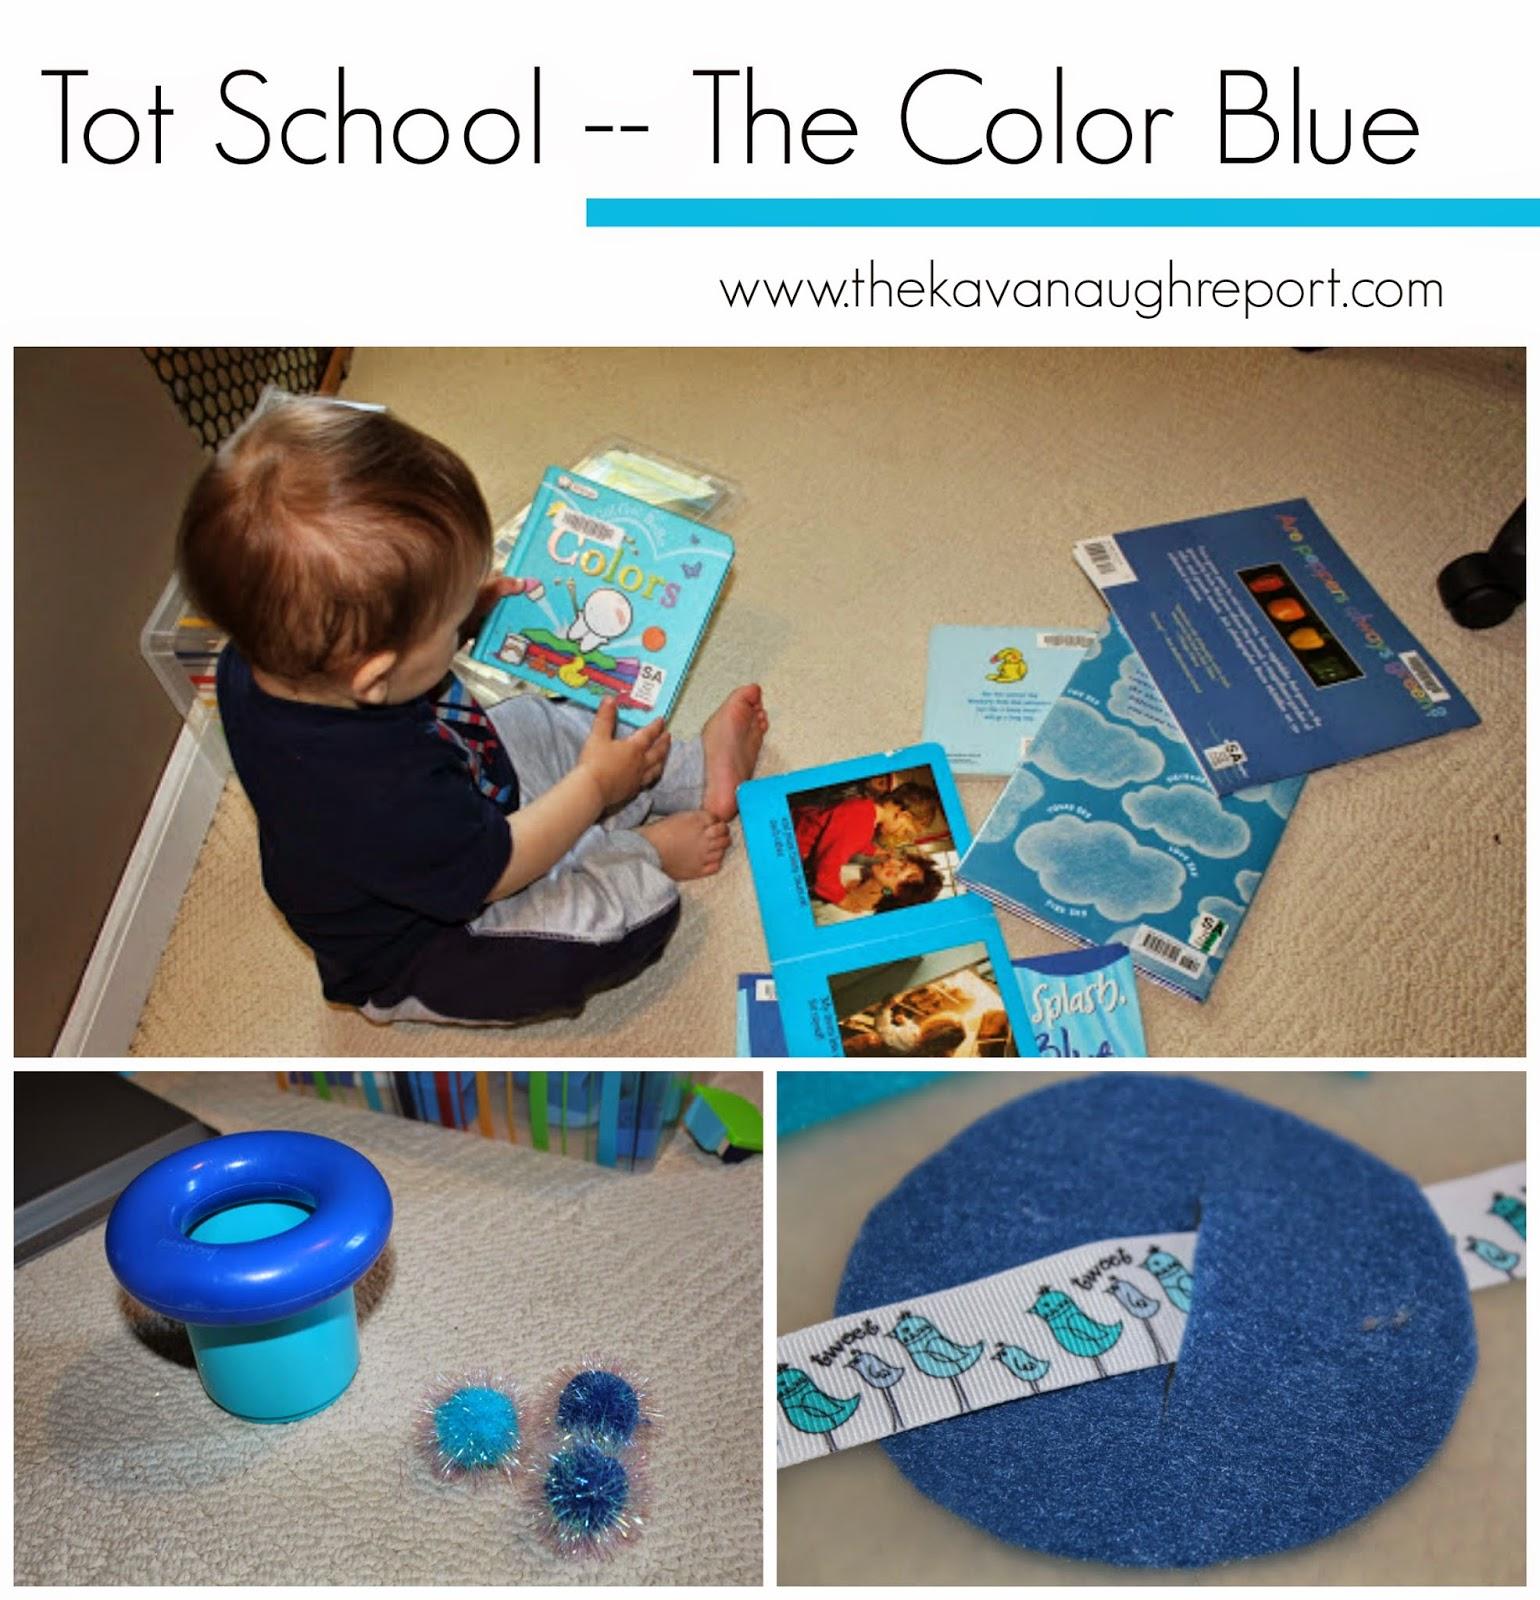 Color Blue At Tot School